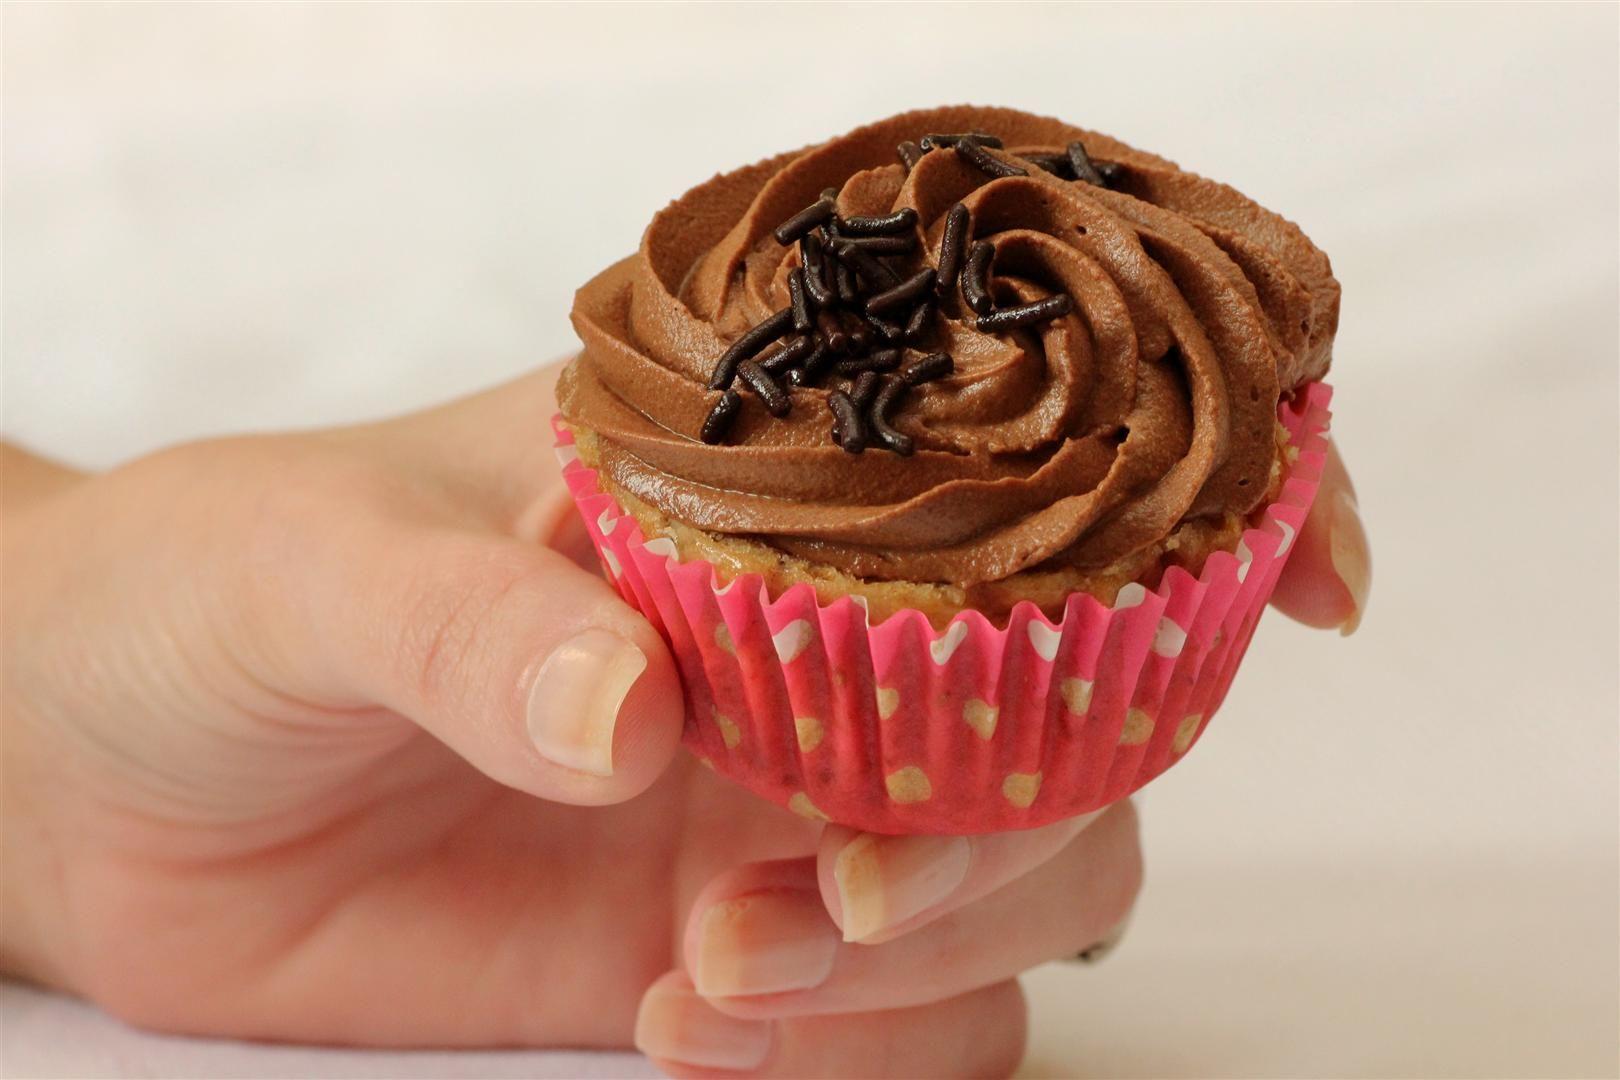 קאפקייקס ערמונים וקפה עם קרם שוקולד | צילום: נטלי לוין